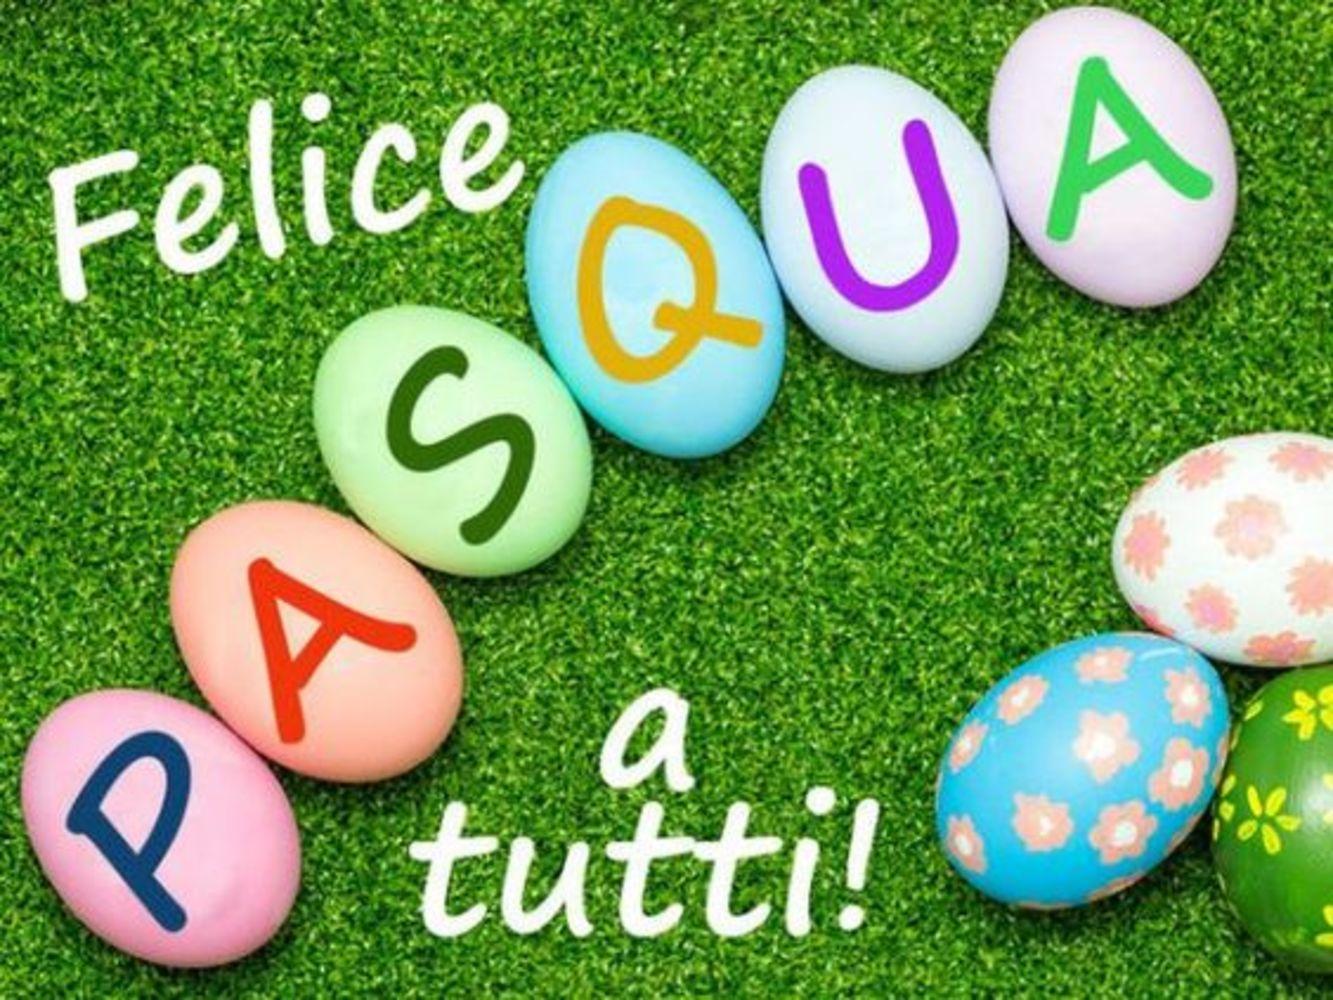 Immagini da condividere Buona Pasqua